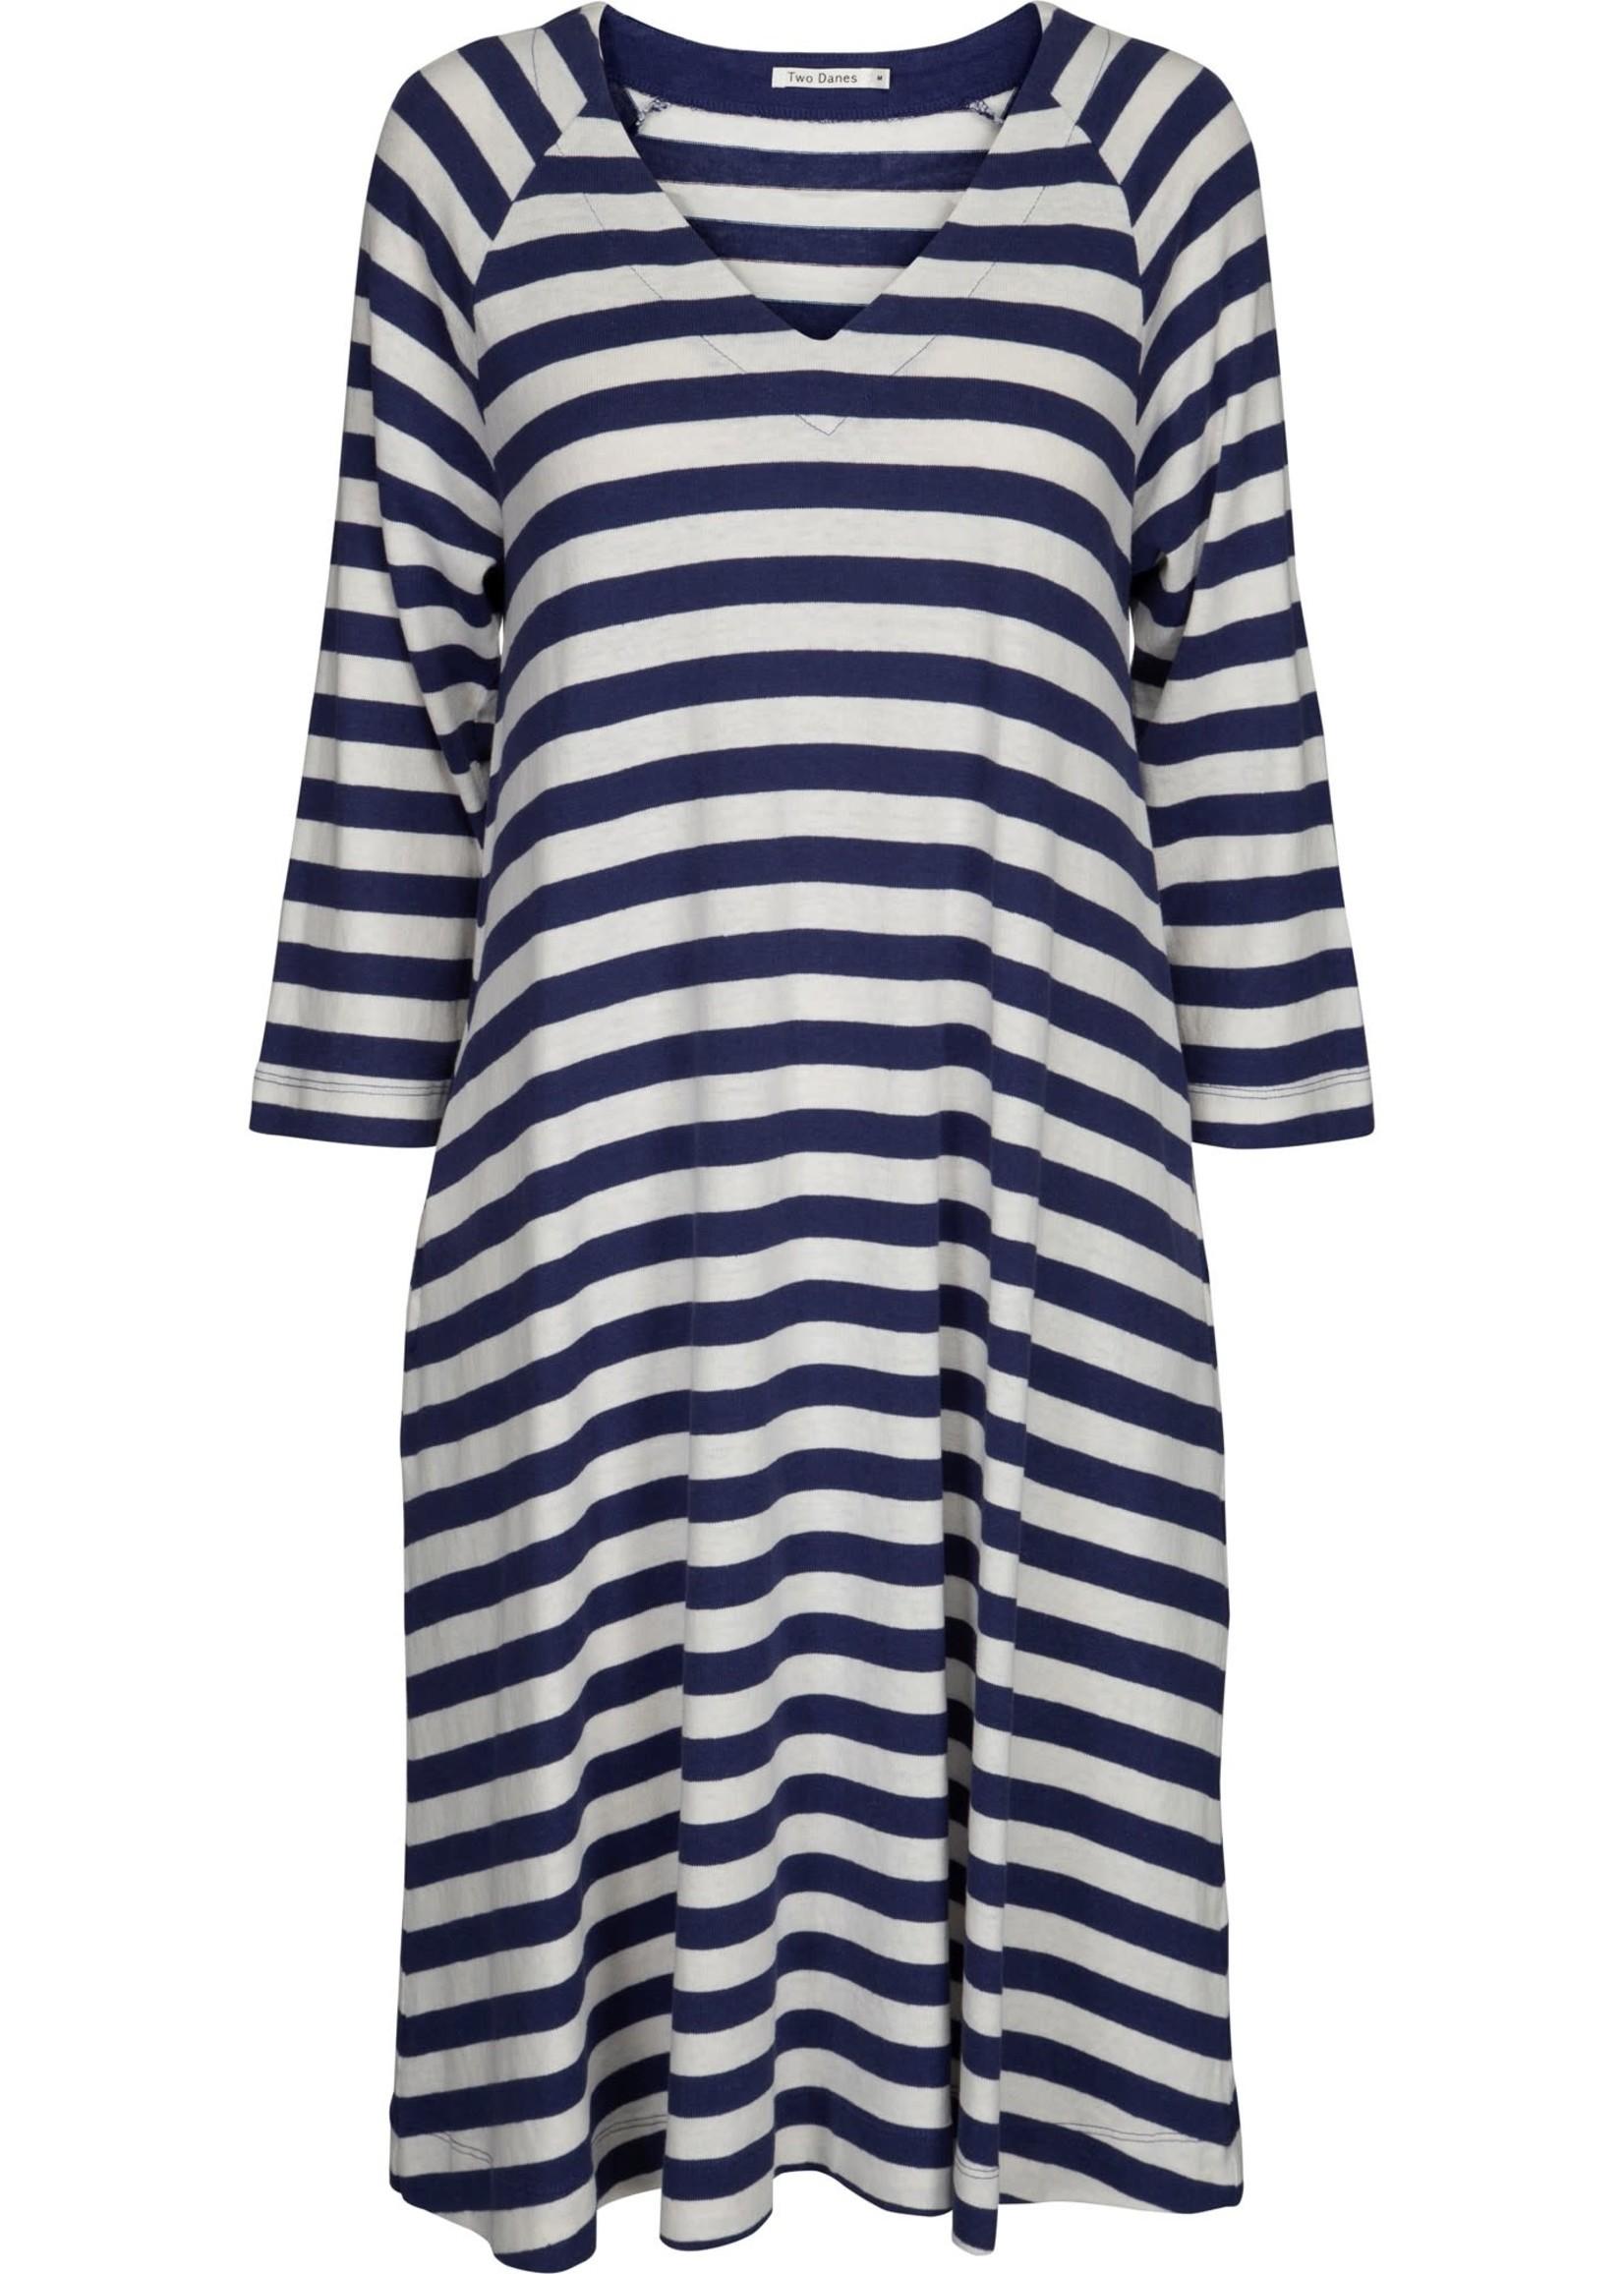 TWO DANES 33813 370 Hazel  Hemp Dress